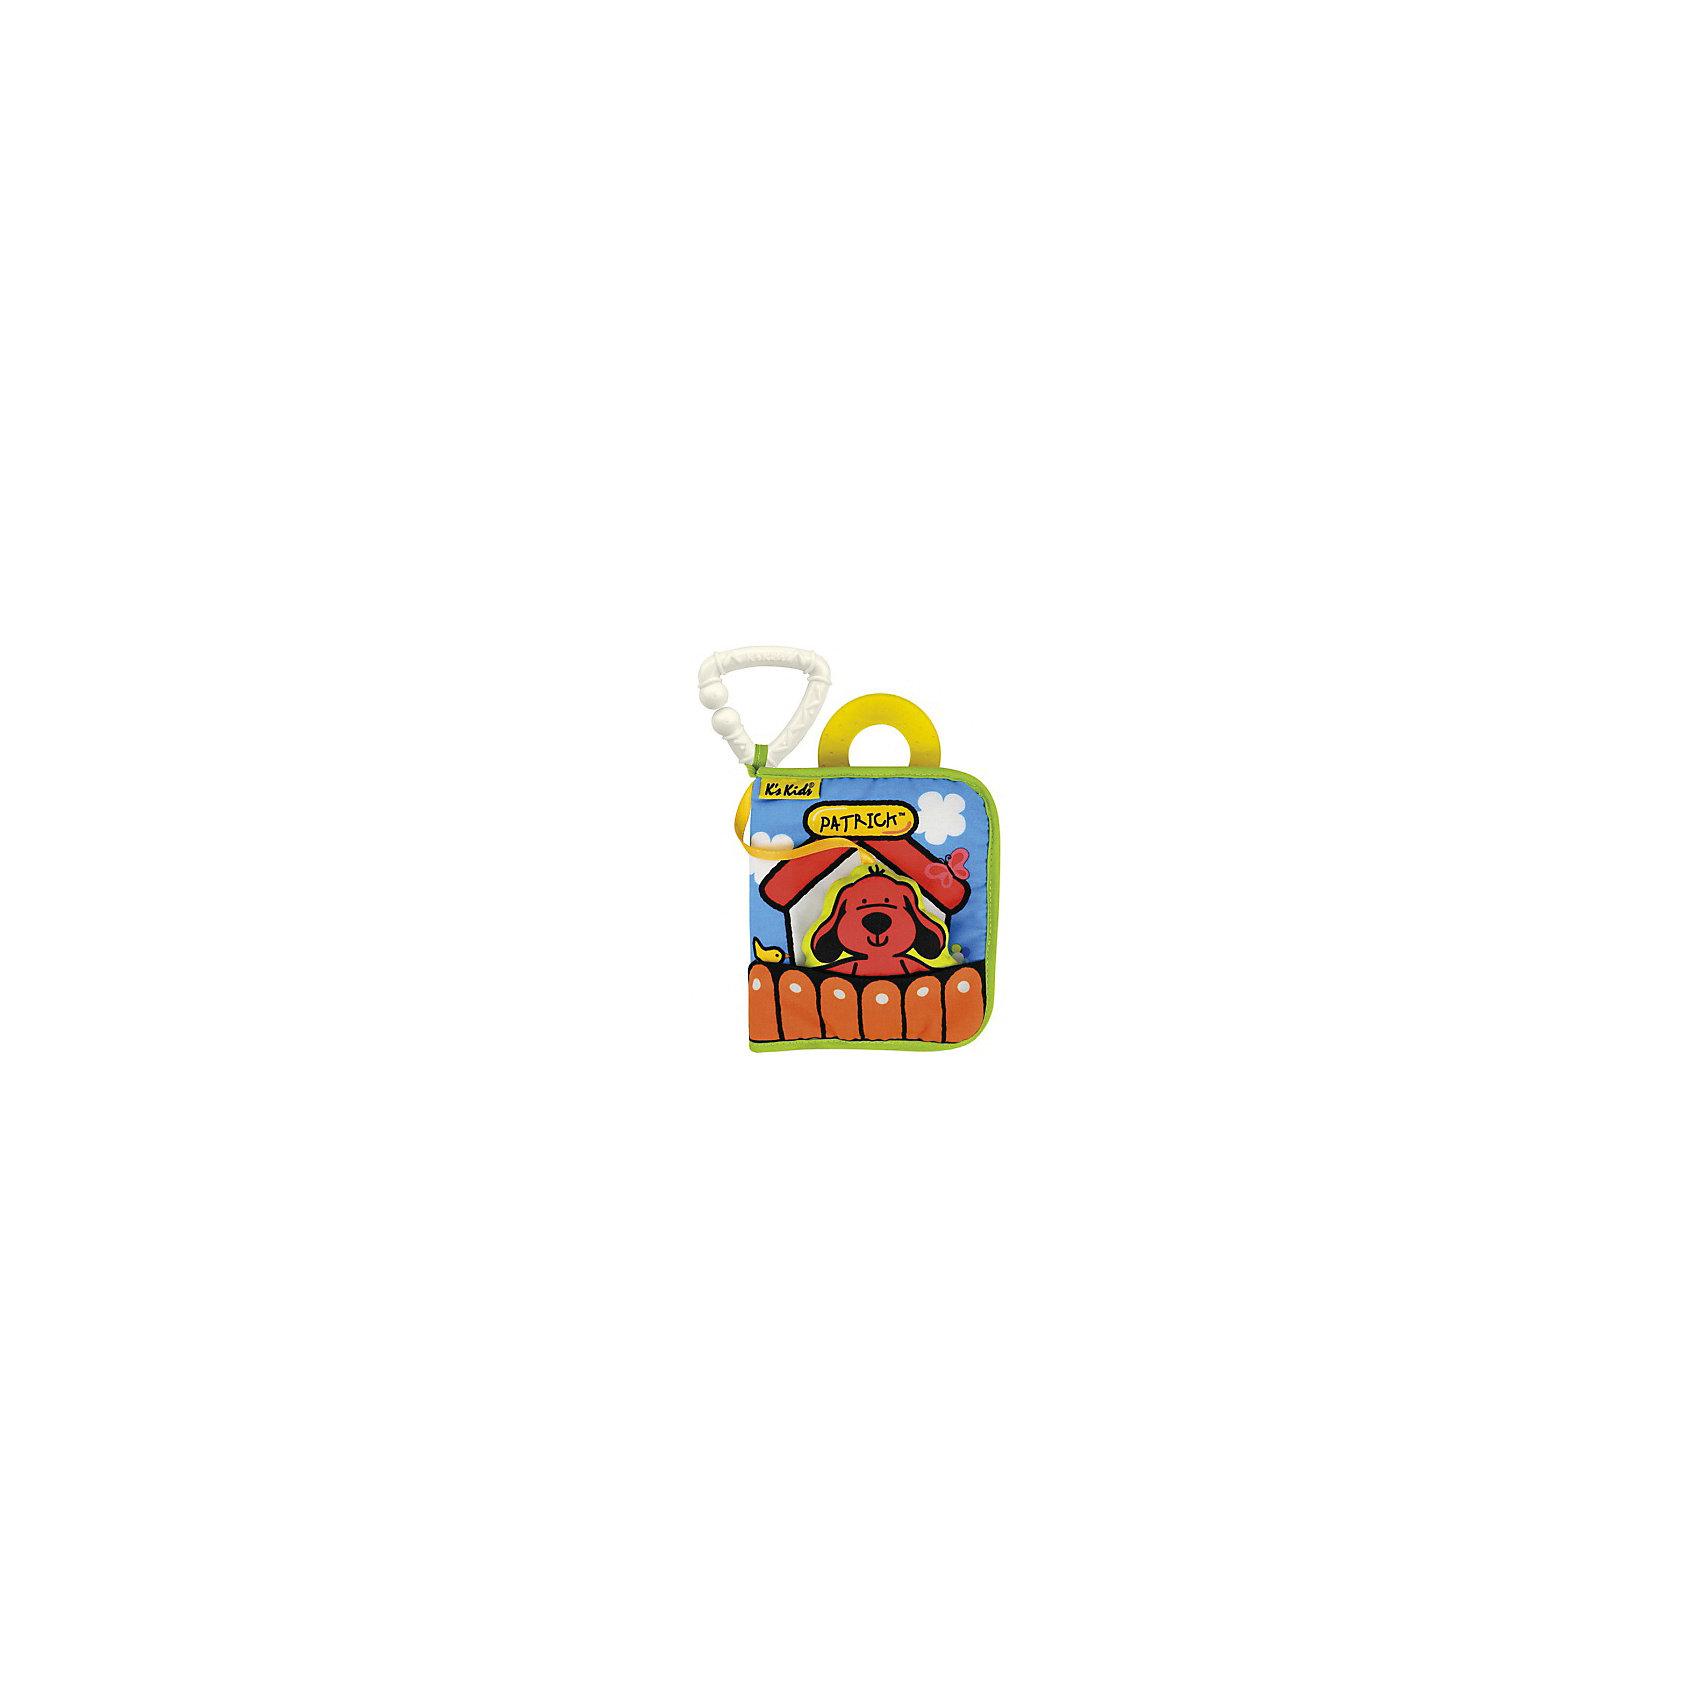 Развивающая мягкая игрушка Первая книжка, Ks KidsРазвивающая мягкая игрушка Первая книжка, Ks Kids (Кс Кидс) ? мягкая текстильная книжка, предназначенная для самых маленьких. Эта книжка непременно станет любимой игрушкой вашего ребенка. Каждая страница содержит в себе увлекательное задание, звуковые эффекты и яркие красочные картинки. Как всегда, помогать маленькому читателю будут знаменитые герои ? мальчик Вэйн, собачка Патрик и медвежонок Бобби.<br>В книжке разнообразие развивающих элементов: пуговицы, молнии, шнурки, логические задания. Помимо прочего, с этой книгой ваш малыш познакомится с цифрами, научится определять время и сравнивать цвета и формы.<br>Развивающая мягкая игрушка Первая книжка, Ks Kids (Кс Кидс) направлена не только на комплексную сенсомоторику, но и на интеллектуальное развитие вашего малыша.<br><br>Дополнительная информация:<br><br>- Вид игр: развивающие<br>- Предназначение: для дома<br>- Материал: текстиль, пластик<br>- Размер: 17*30*4 см<br>- Вес: 114 г<br>- Особенности ухода: разрешается ручная стирка в холодной воде<br><br>Подробнее:<br><br>• Для детей в возрасте: от 0 месяцев до 1 года<br>• Страна производитель: Китай<br>• Торговый бренд: Ks Kids (Кс Кидс)<br><br>Развивающую мягкую игрушку Первая книжка, Ks Kids (Кс Кидс) можно купить в нашем интернет-магазине.<br><br>Ширина мм: 170<br>Глубина мм: 300<br>Высота мм: 40<br>Вес г: 114<br>Возраст от месяцев: 0<br>Возраст до месяцев: 12<br>Пол: Унисекс<br>Возраст: Детский<br>SKU: 4799450